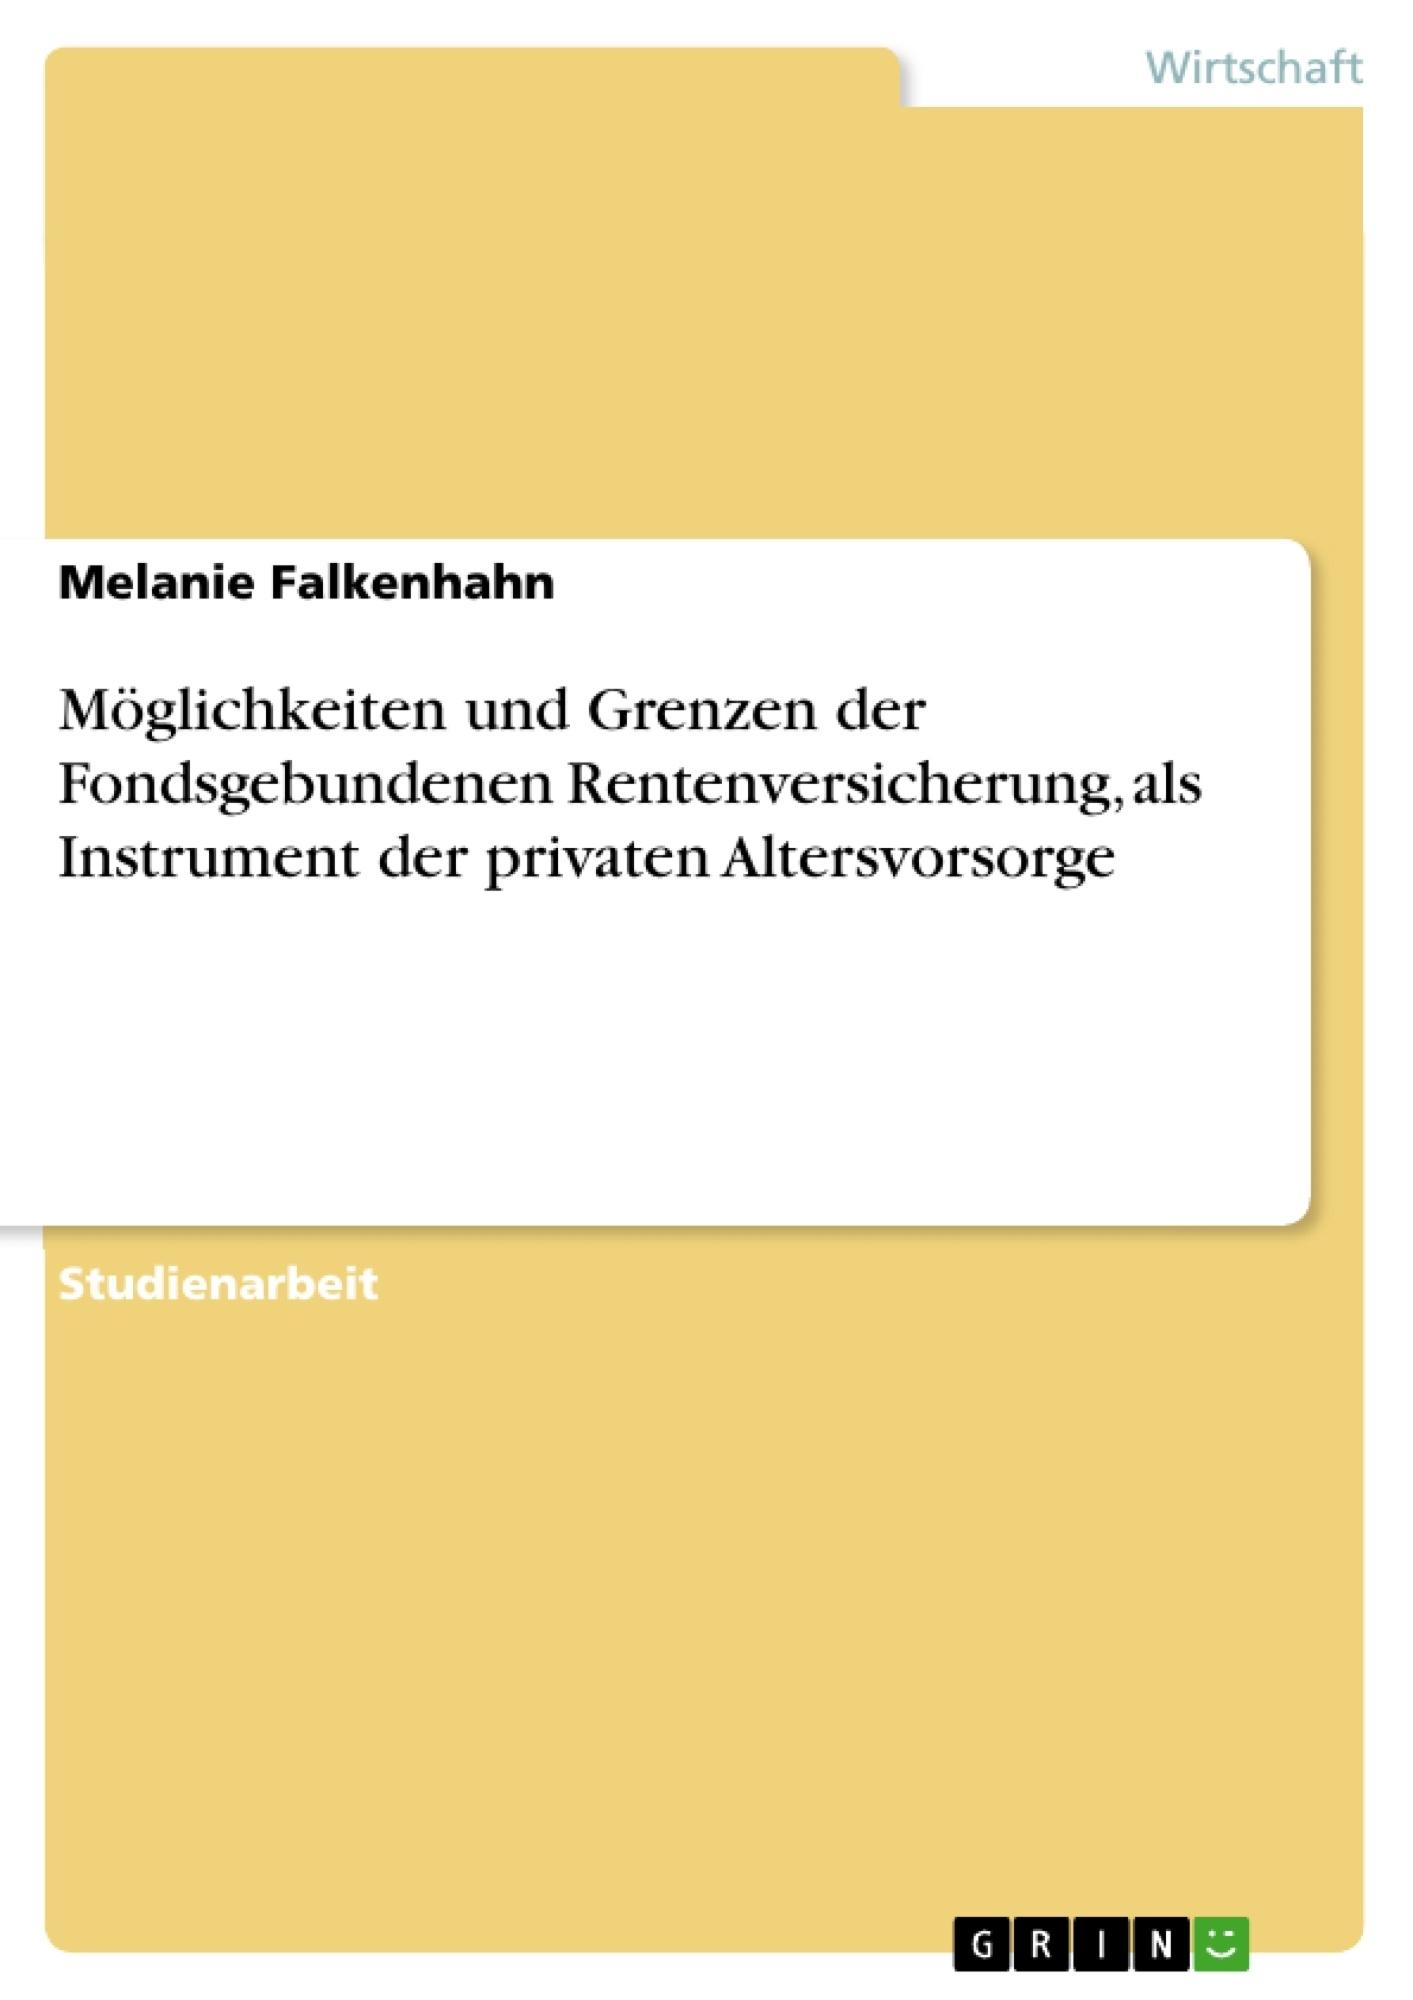 Titel: Möglichkeiten und Grenzen der Fondsgebundenen Rentenversicherung, als Instrument der privaten Altersvorsorge